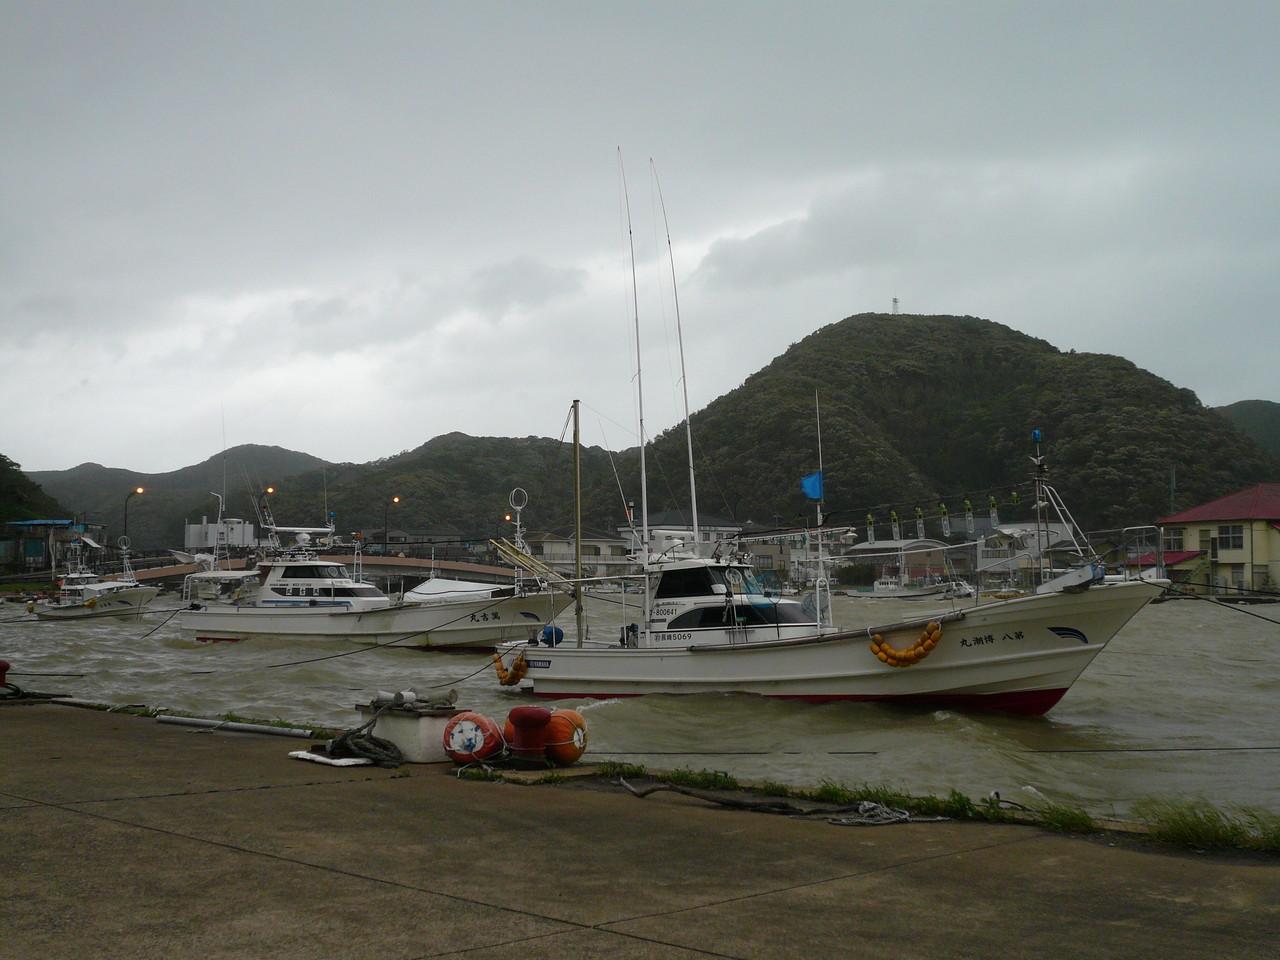 9月17日午前8時 今から昼過すぎサンバが通過 風強く湾も波立ち始め 心配です